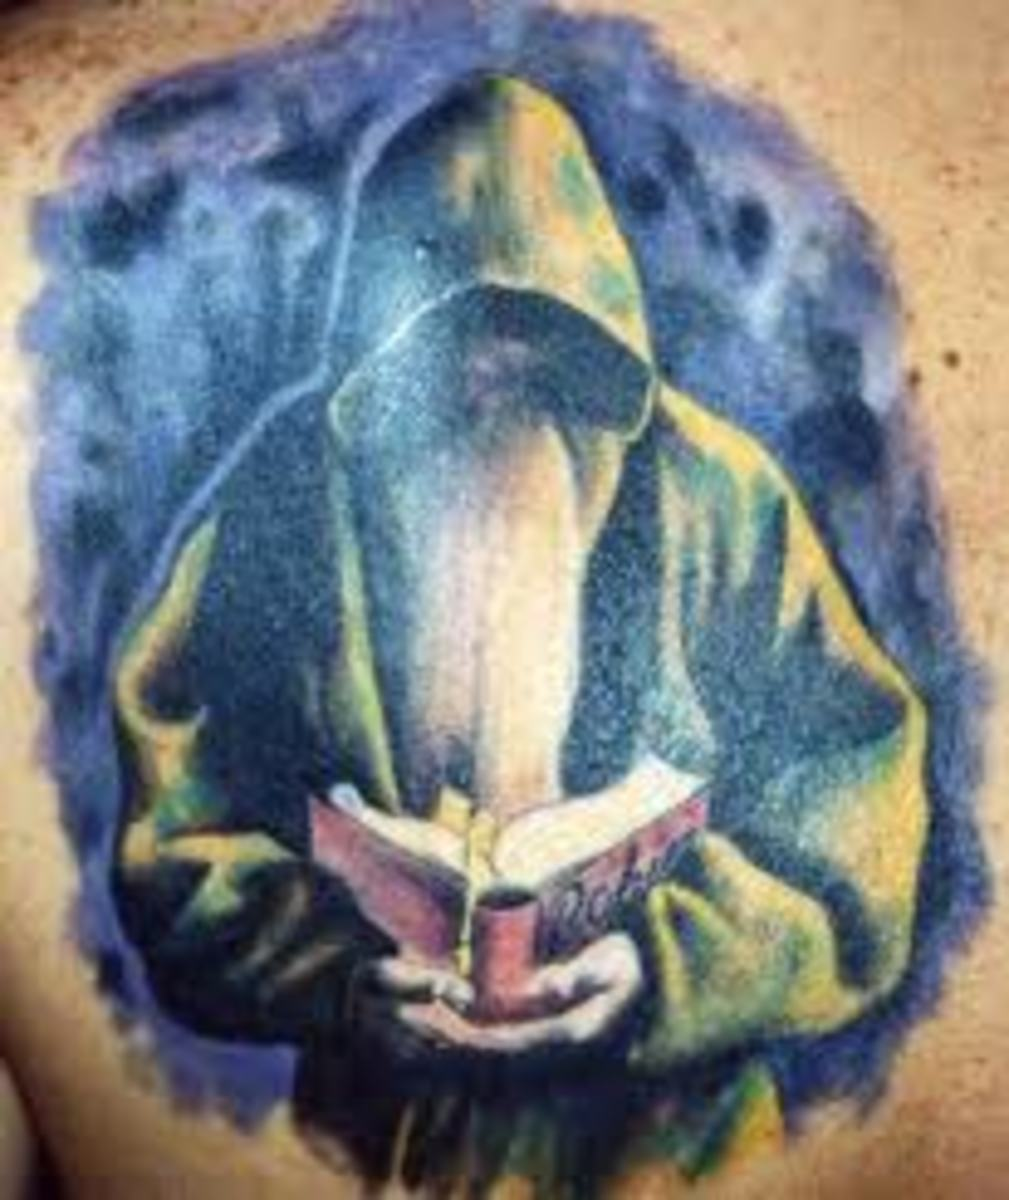 idei-dlya-tatuirovok - Дизайн мастер татуировки и их значения -  - фото